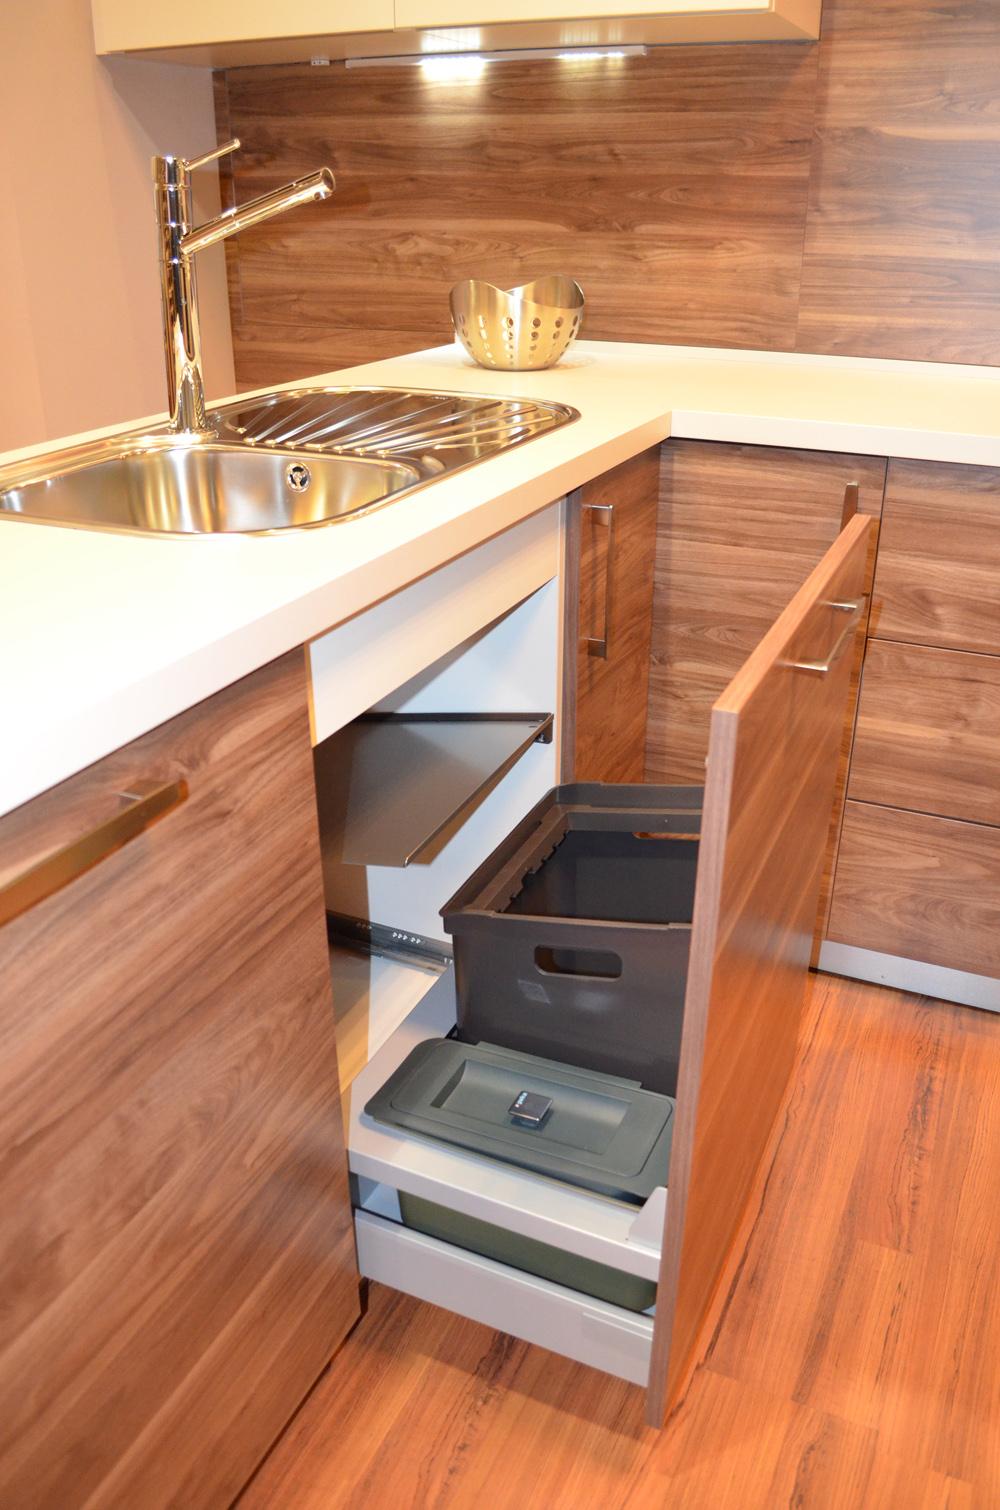 Venta liquidaciones cocinas un blog sobre bienes inmuebles for Venta de cocinas